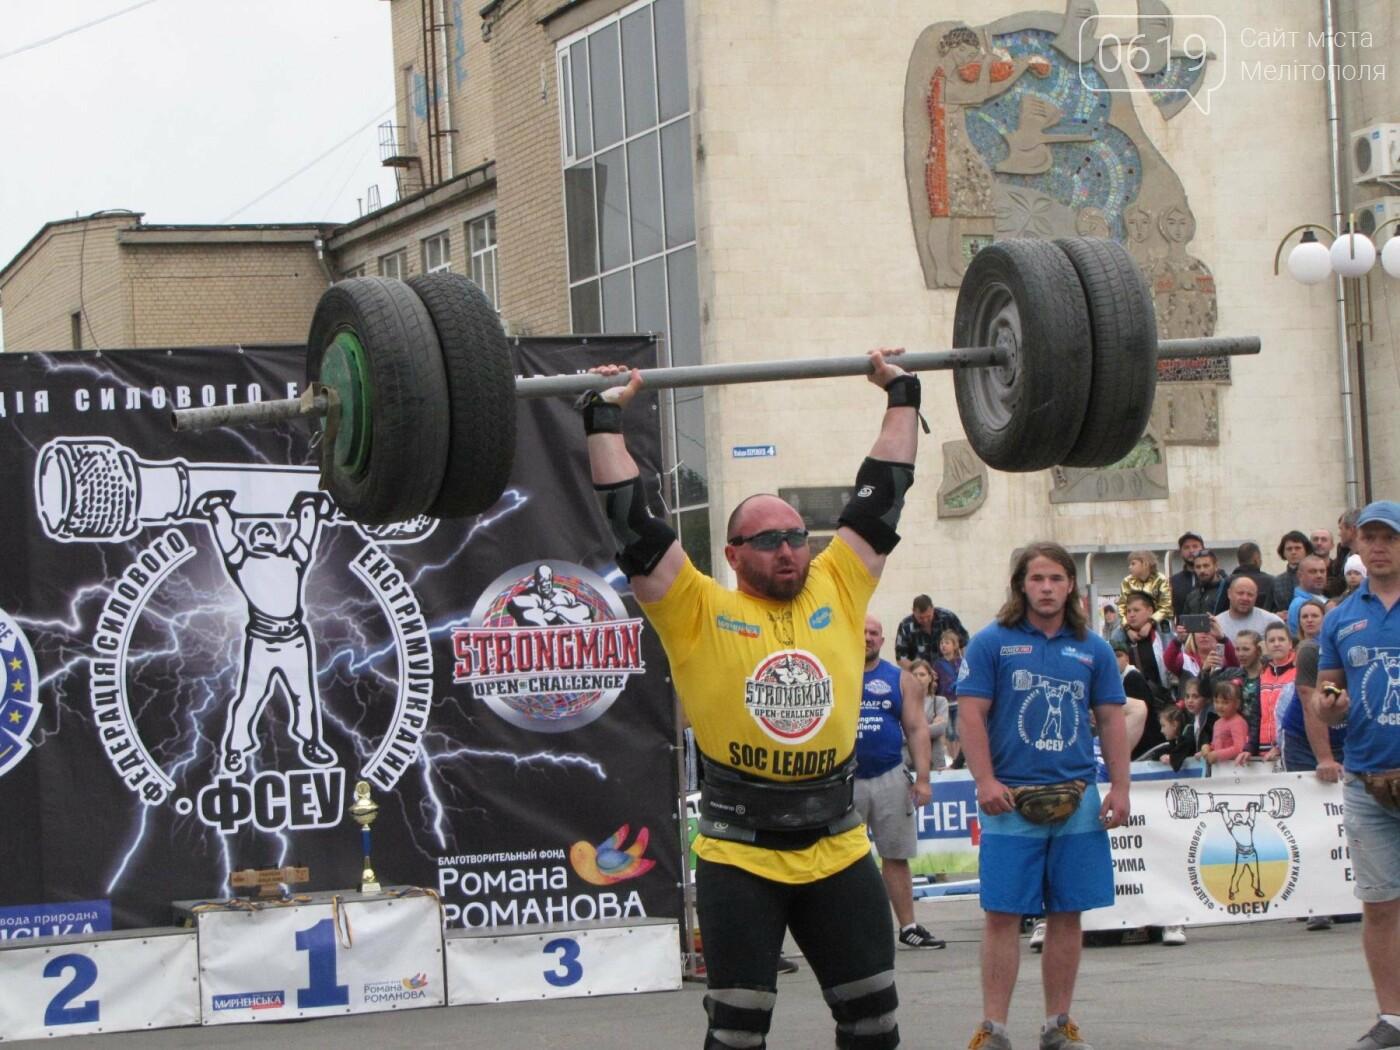 Три победы за неделю: мелитопольский богатырь выиграл второй этап международного чемпионата, фото-46